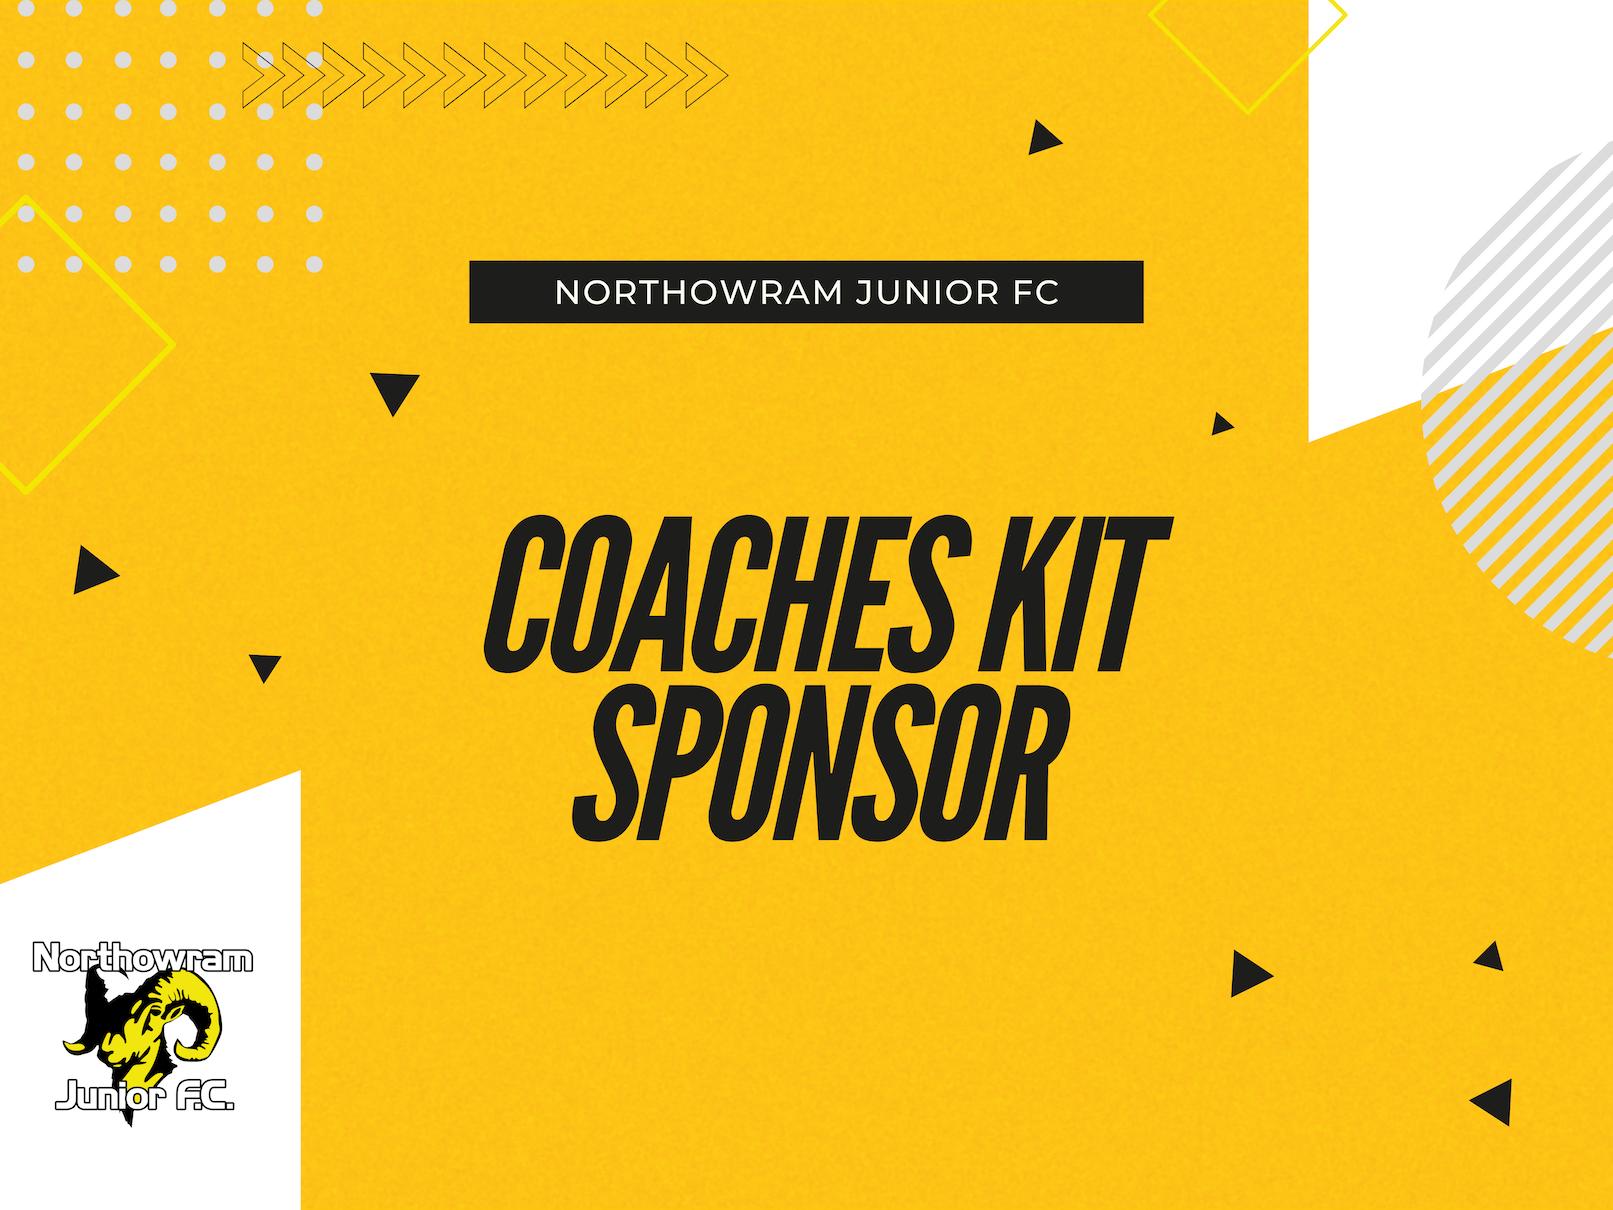 2021 Coaches Kit Sponsorship